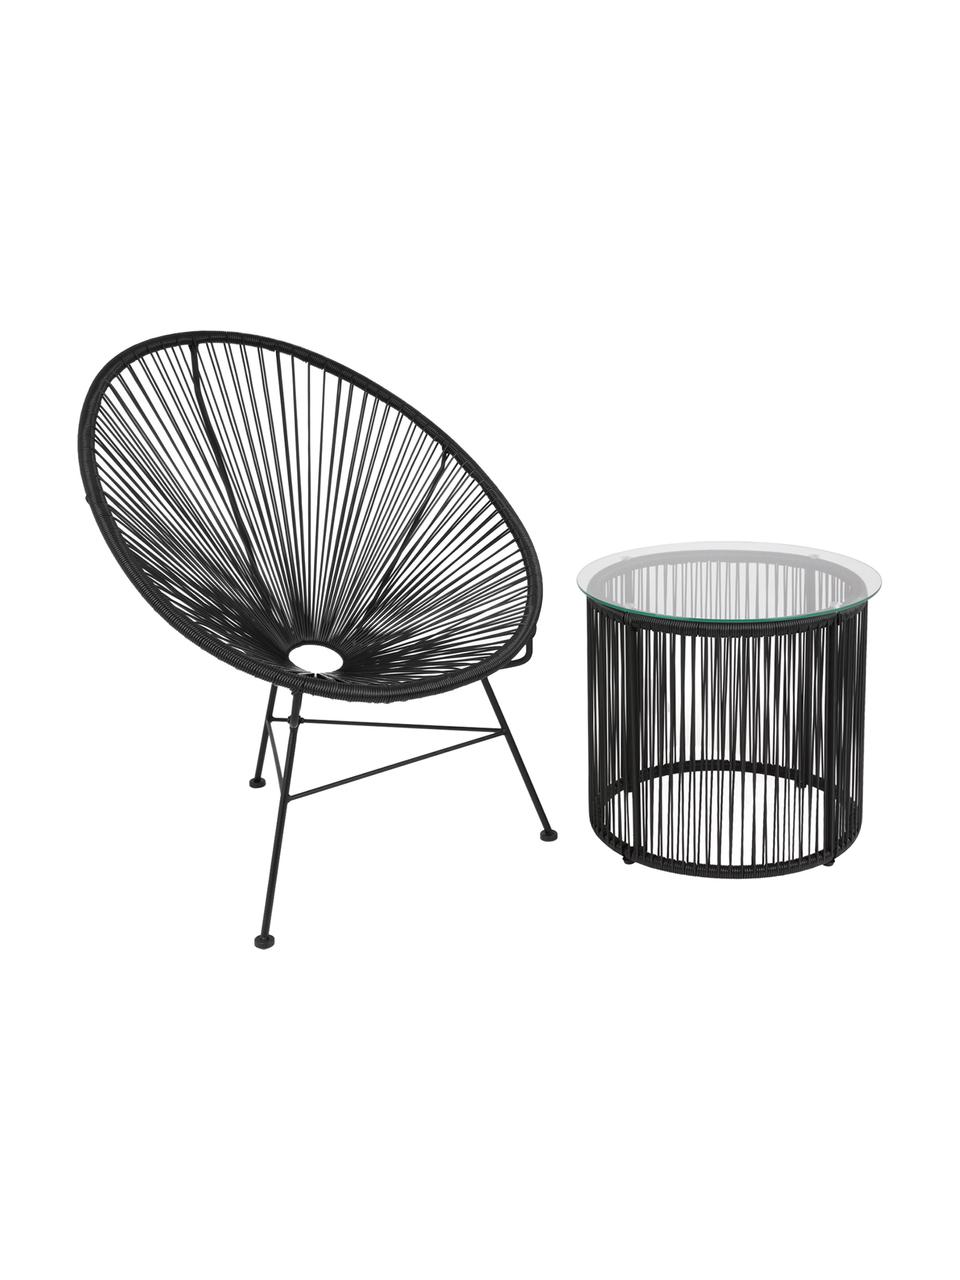 Beistelltisch Bahia aus Kunststoff-Geflecht, Tischplatte: Glas, Stärke, Gestell: Aluminium, pulverbeschich, Schwarz, Ø 50 x H 45 cm